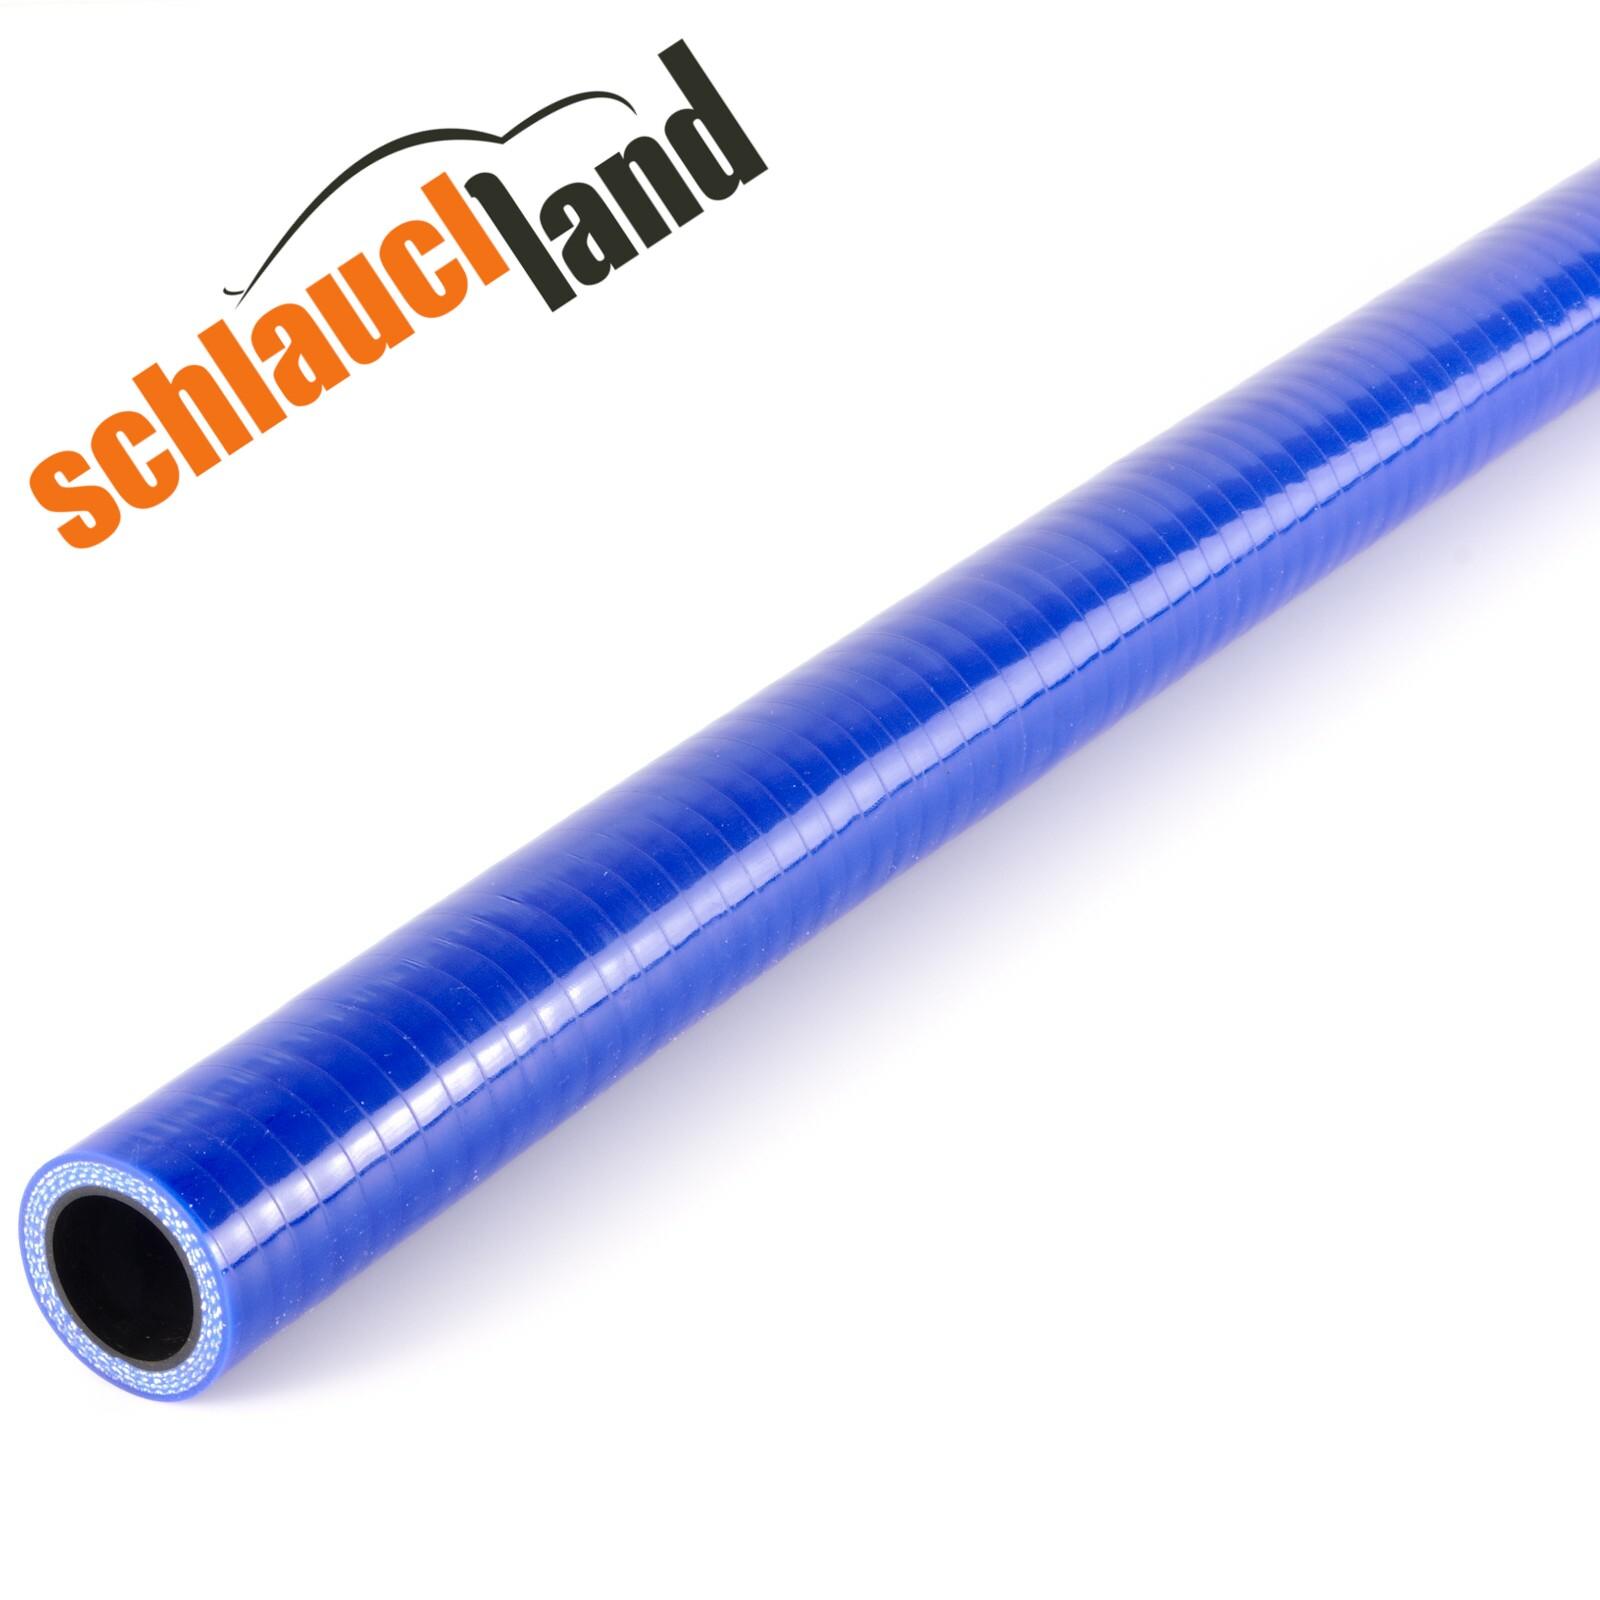 1,00m Silikon-Schlauch Innendurchmesser 11mm / Blau